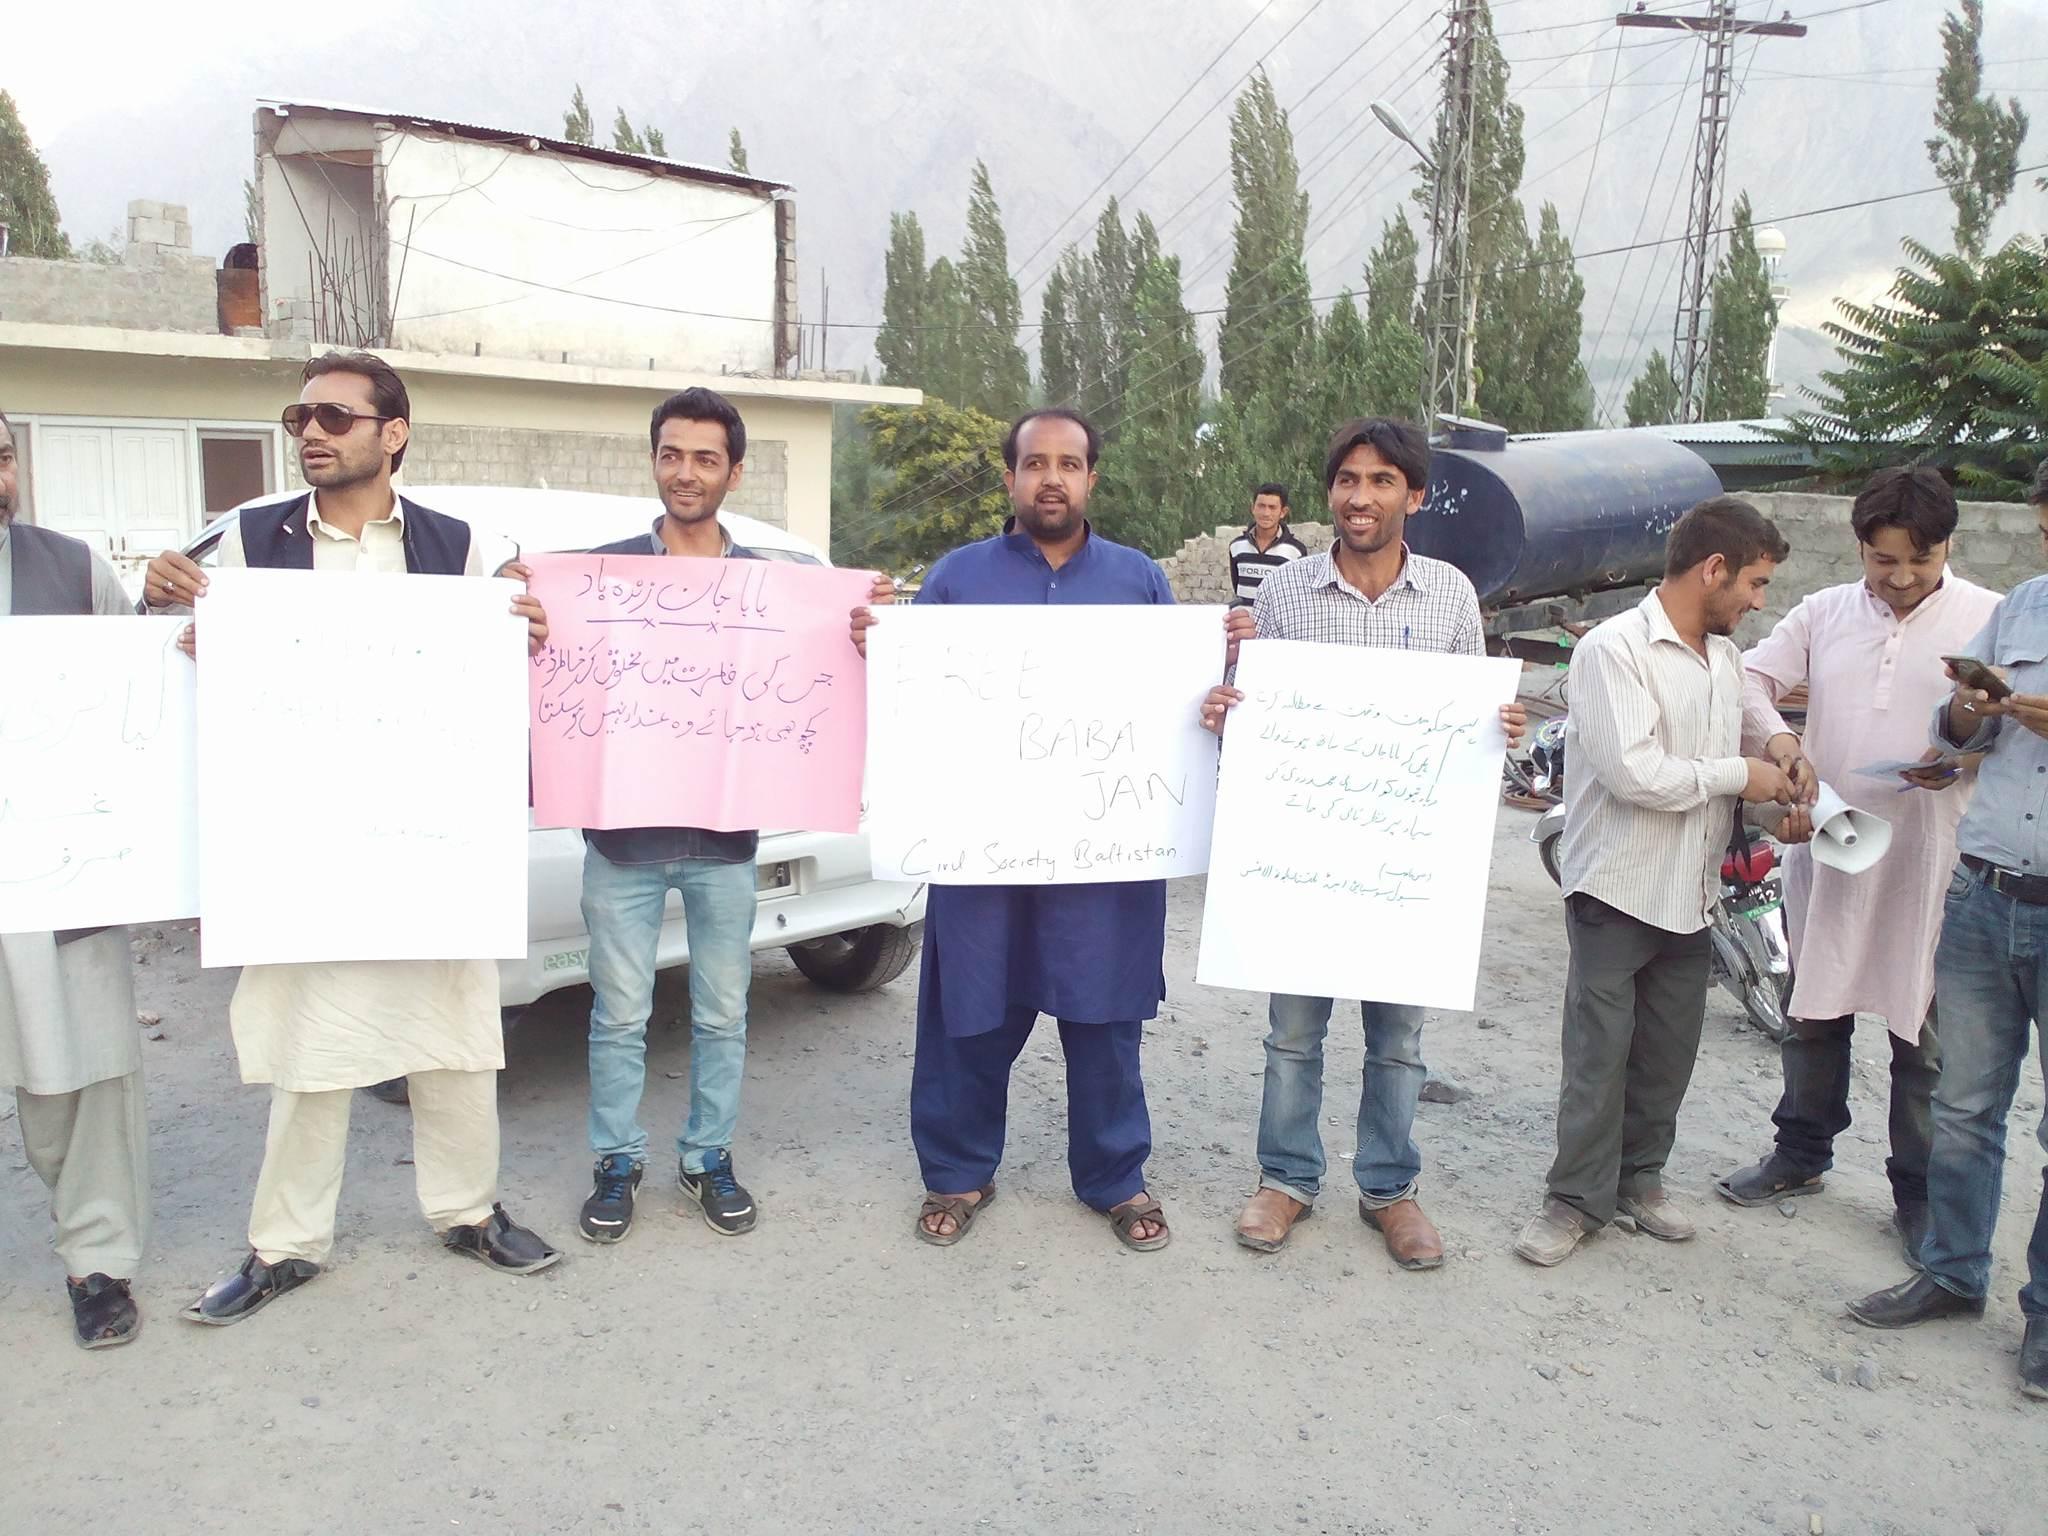 سکردو میں سول سوسائٹی اور بلتستان یوتھ الائنس کے زیرِ اہتمام اسیر ترقی پسند رہنما بابا جان کے حق میں احتجاجی مظاہرہ